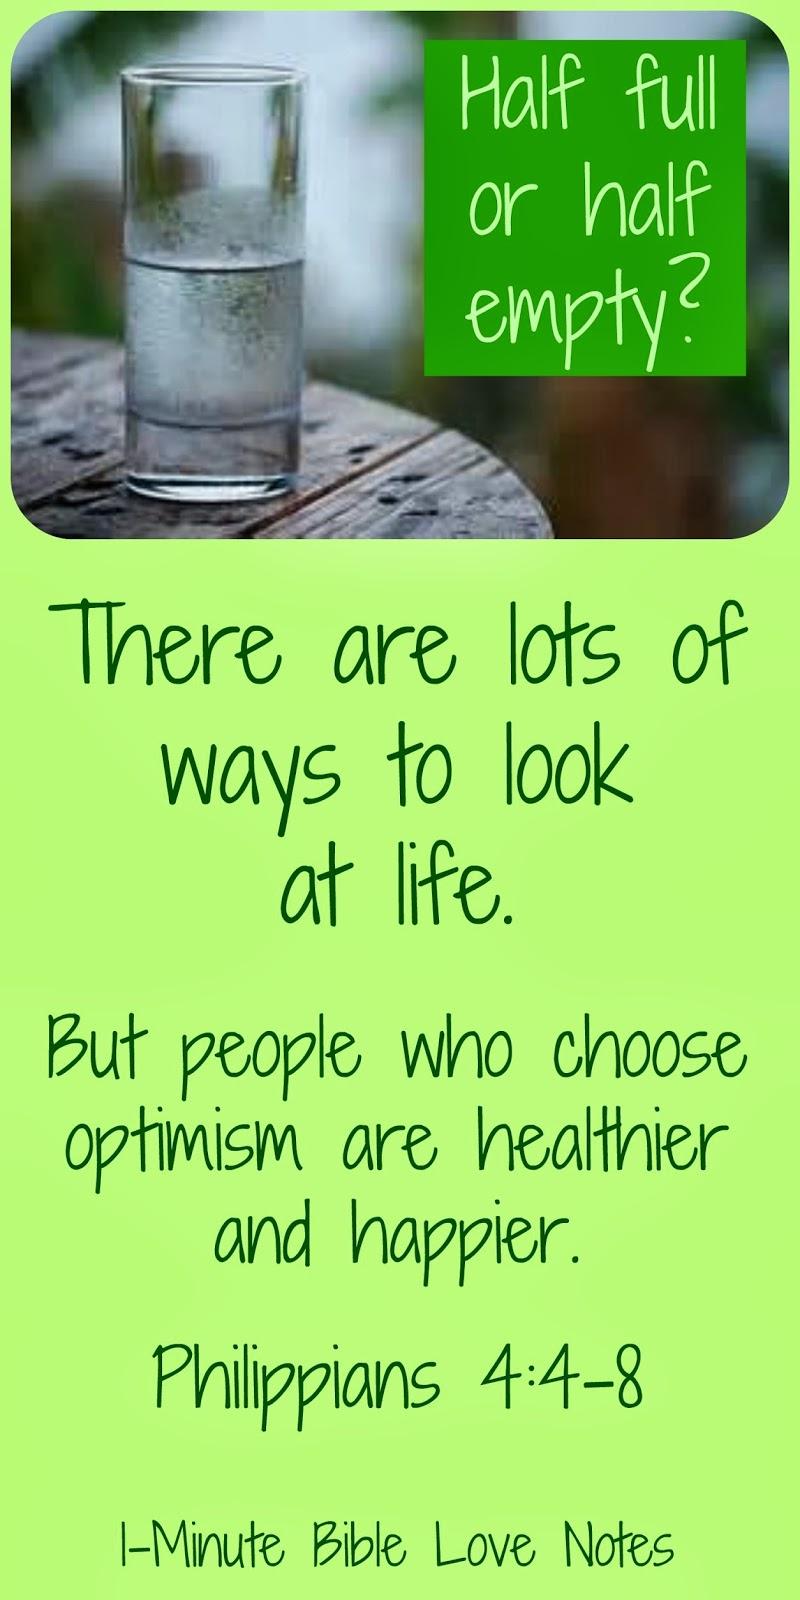 Optimism, Pessimism, Philippians 4:4-8